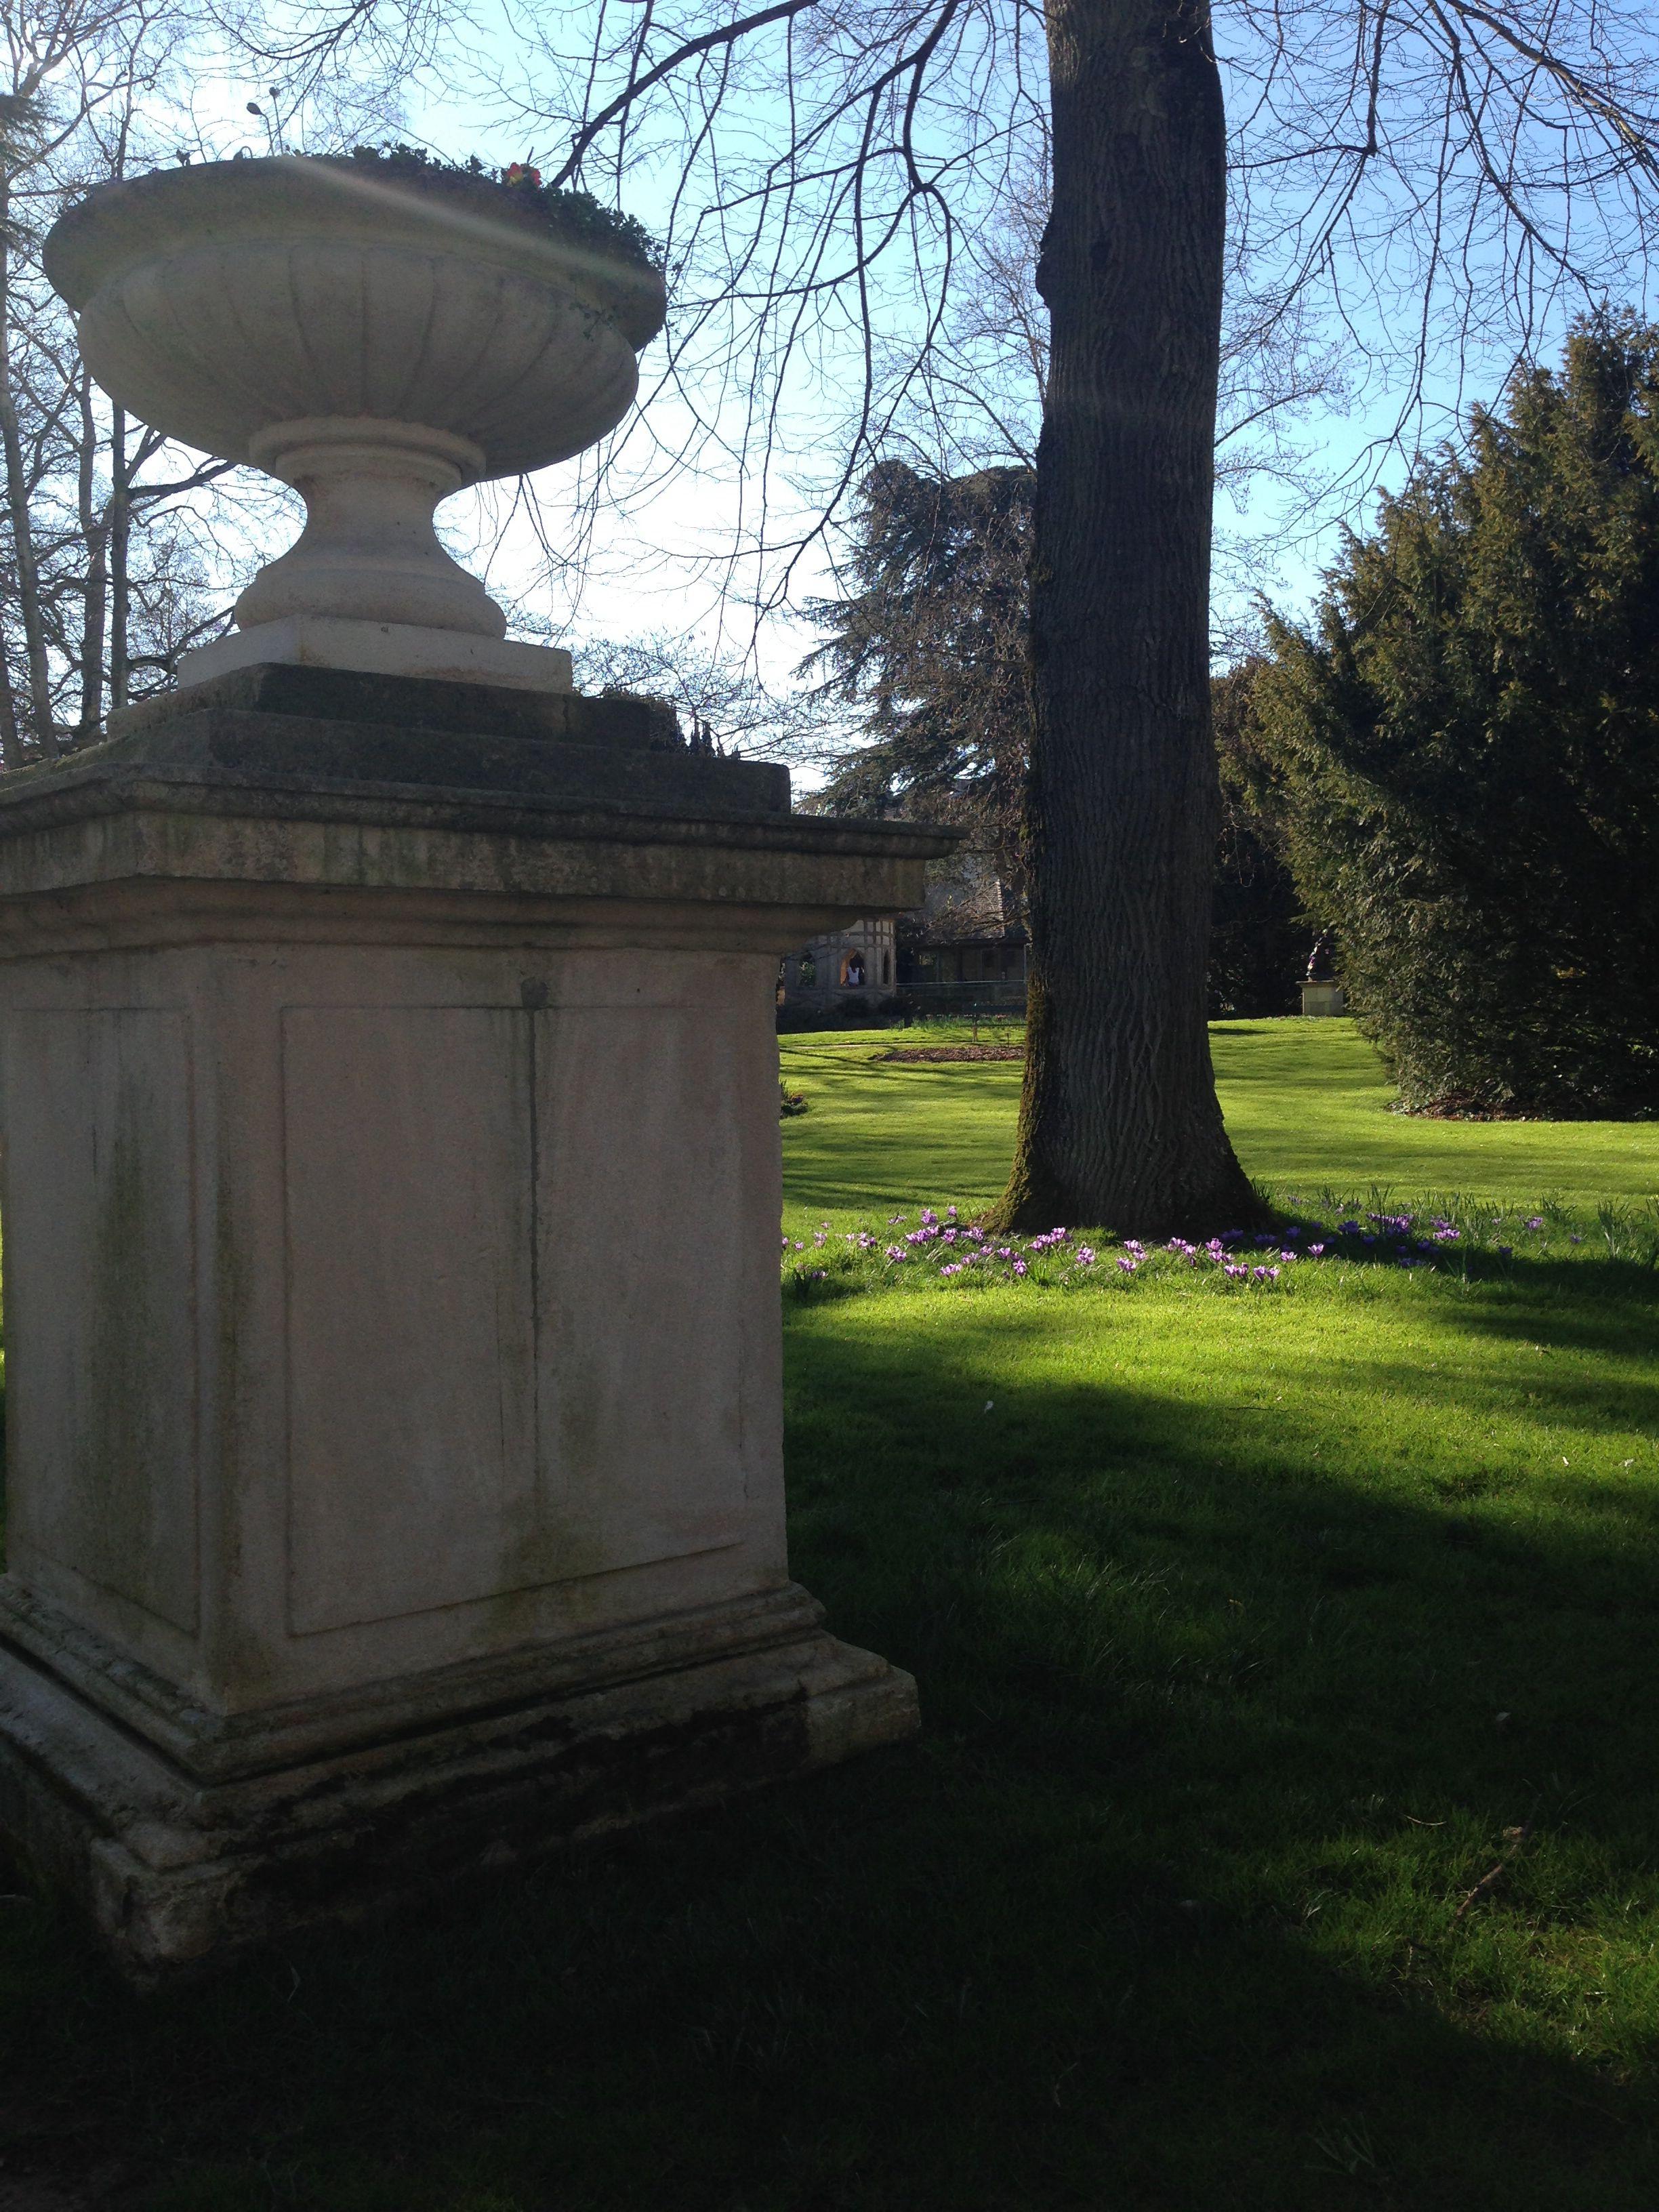 Parc de blossac poitiers jardins la fran aise french gardens pinterest les fran ais et - Le jardin des fleurs poitiers ...